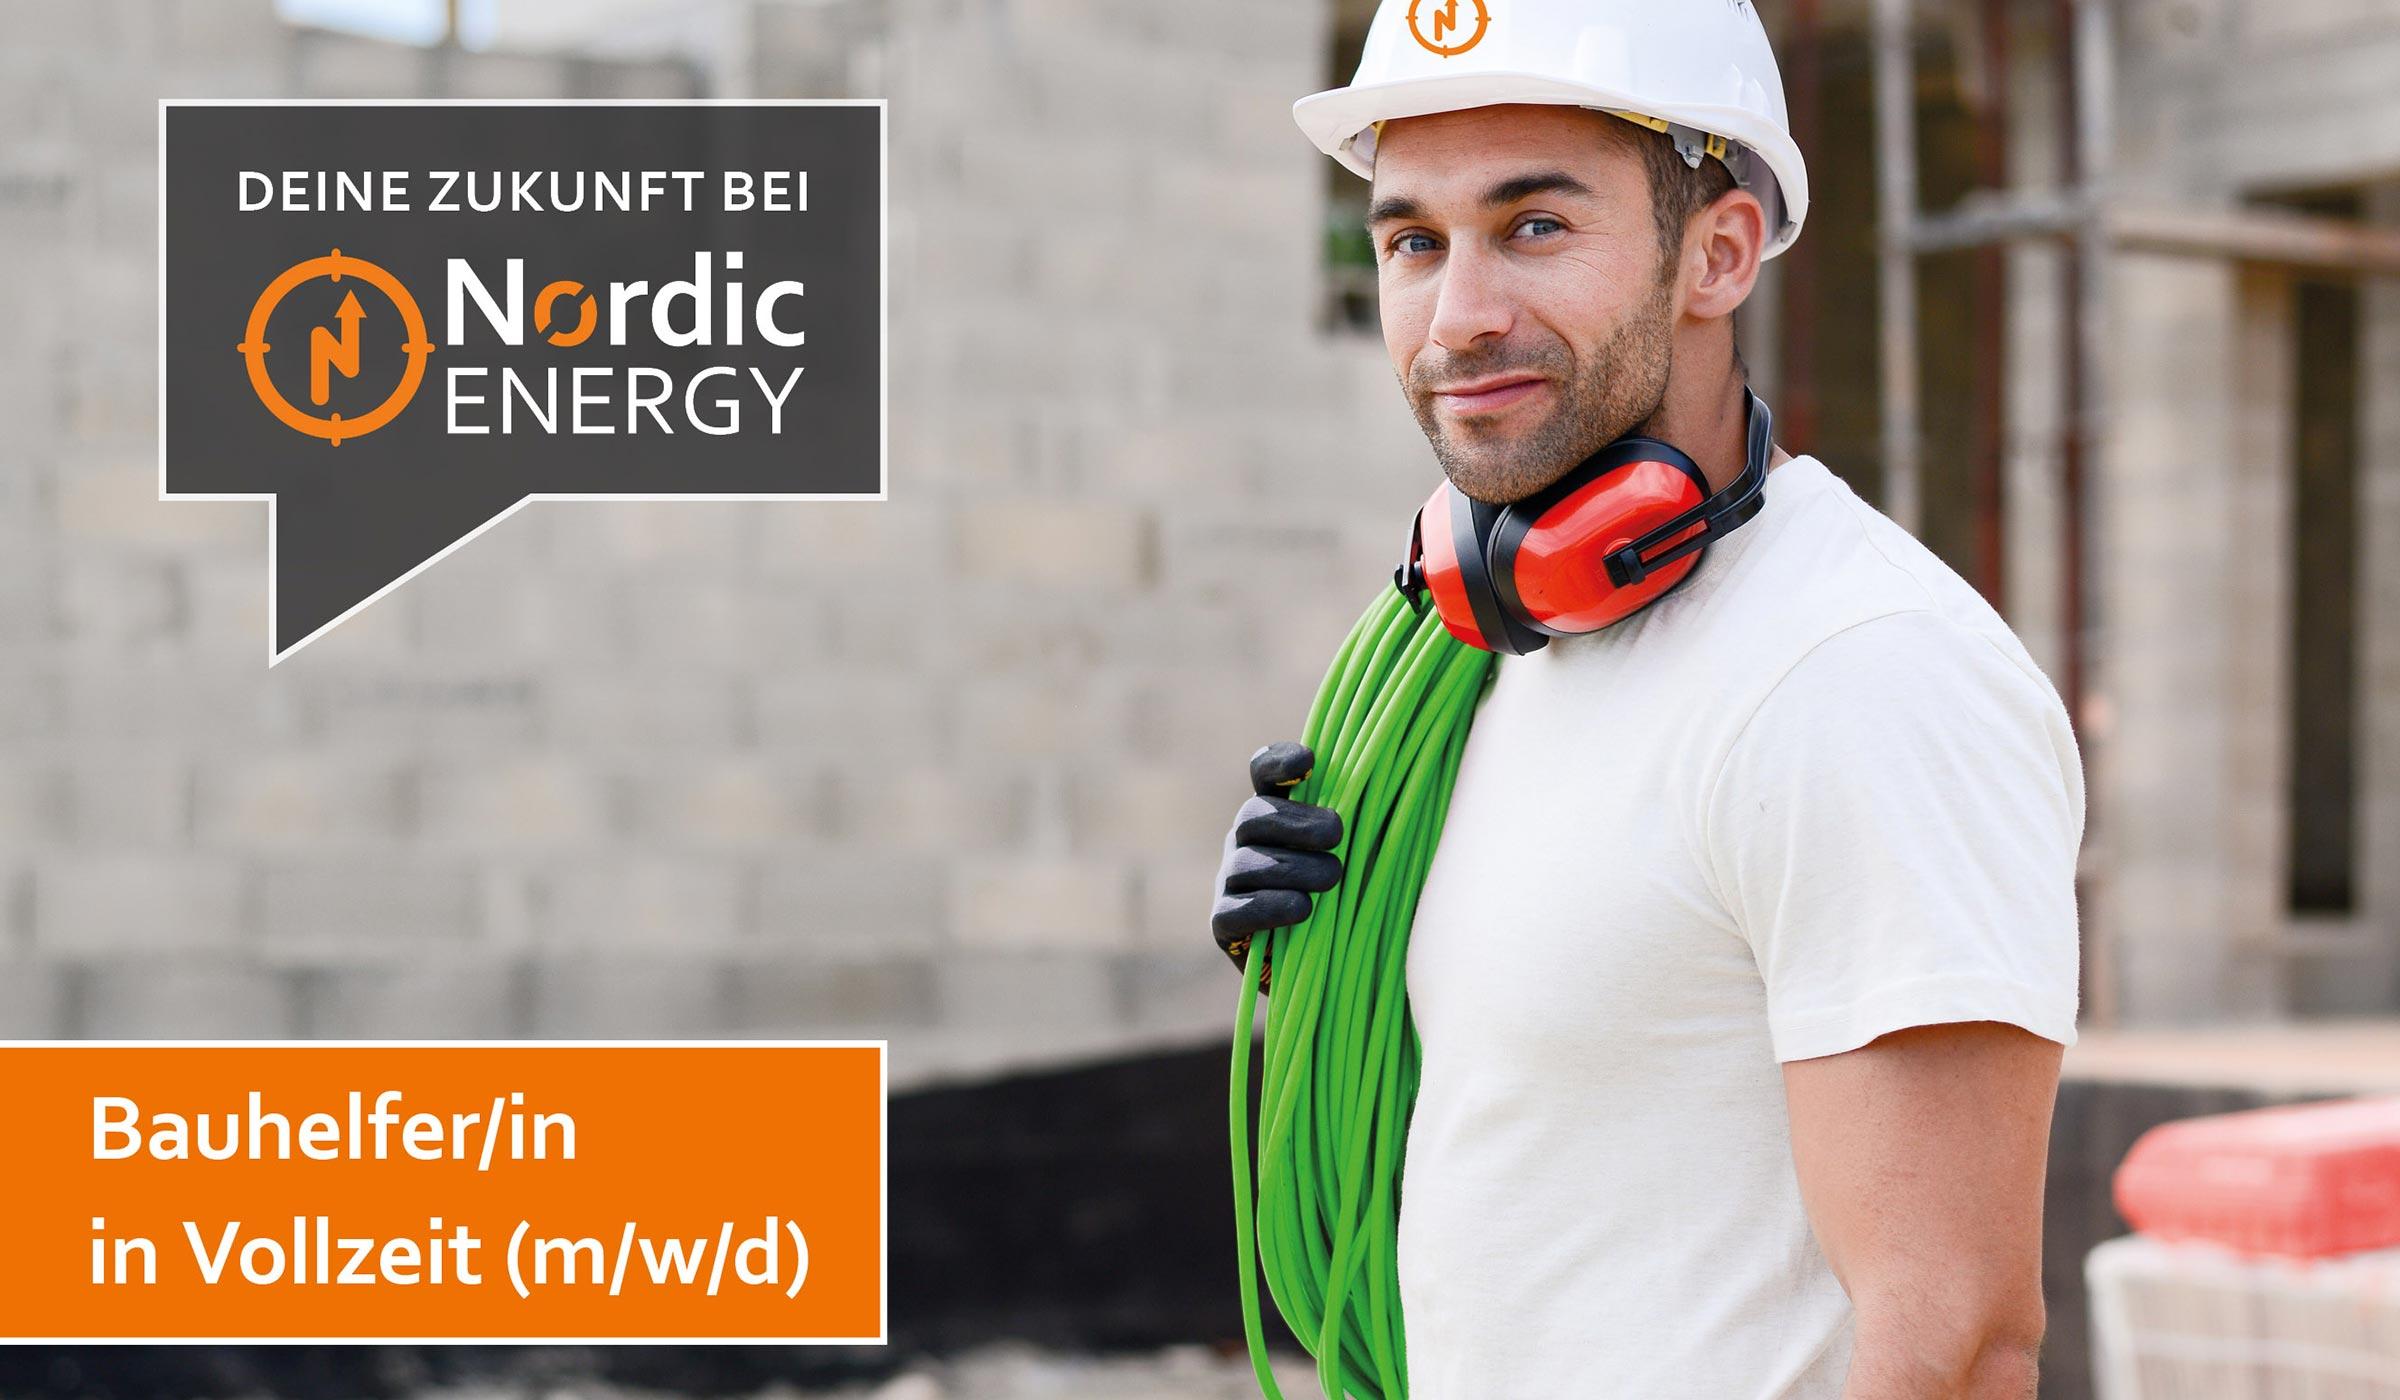 Der Bauhelfer von Nordic Energy mit Helm, Gehörschutz, Schutzhandschuh und einem Kabel auf der Schulter